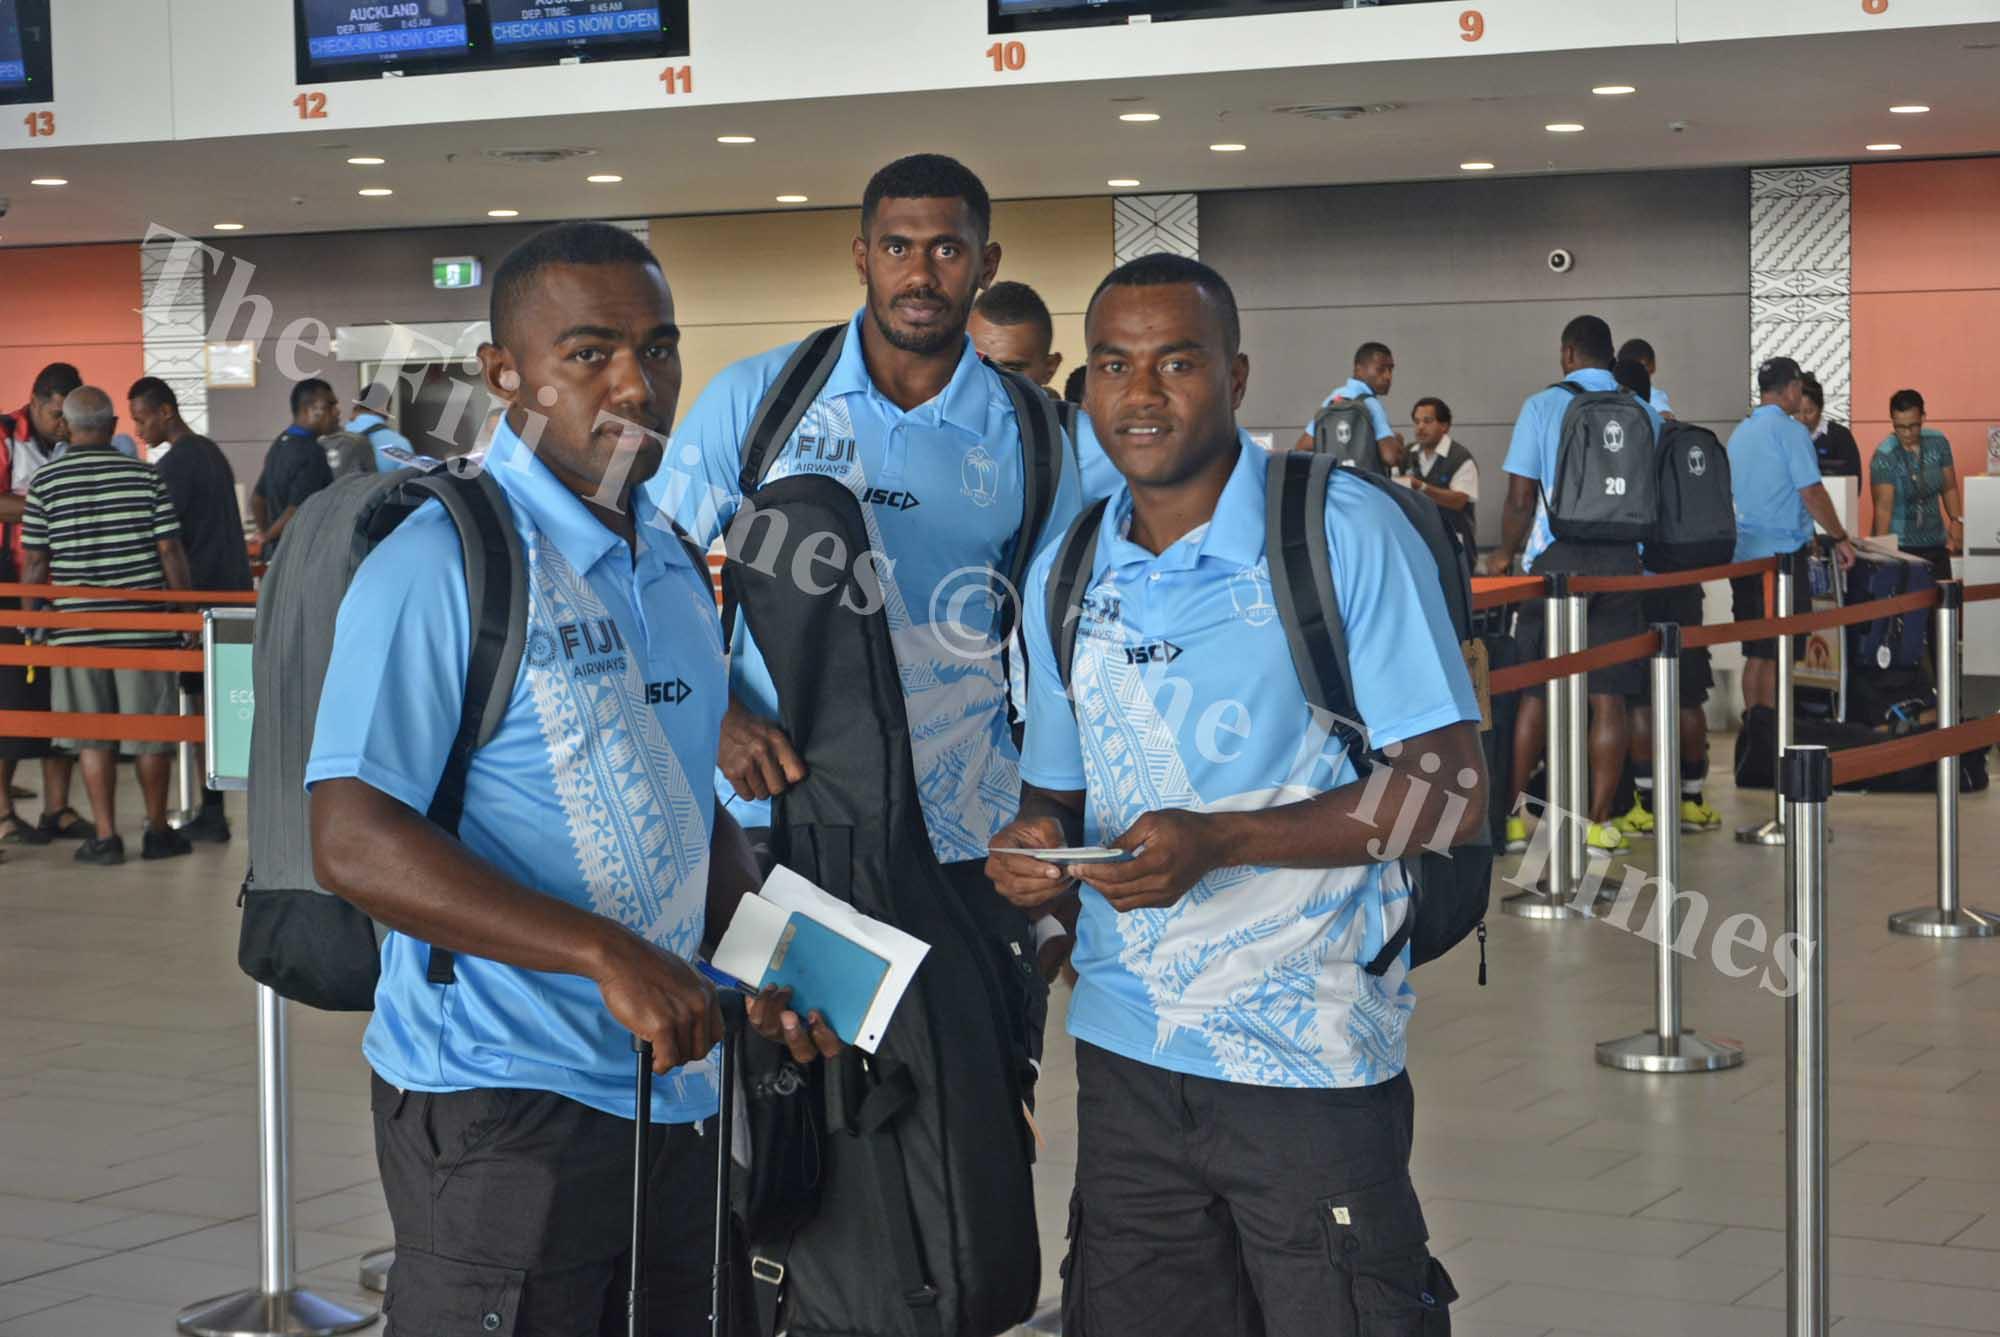 Fiji Airways Men's 7s players Waisea Nacuqu (left), Kalione Nasoko and Alosio Naduva at Nadi International Airport yesterday. Picture: REINAL CHAND